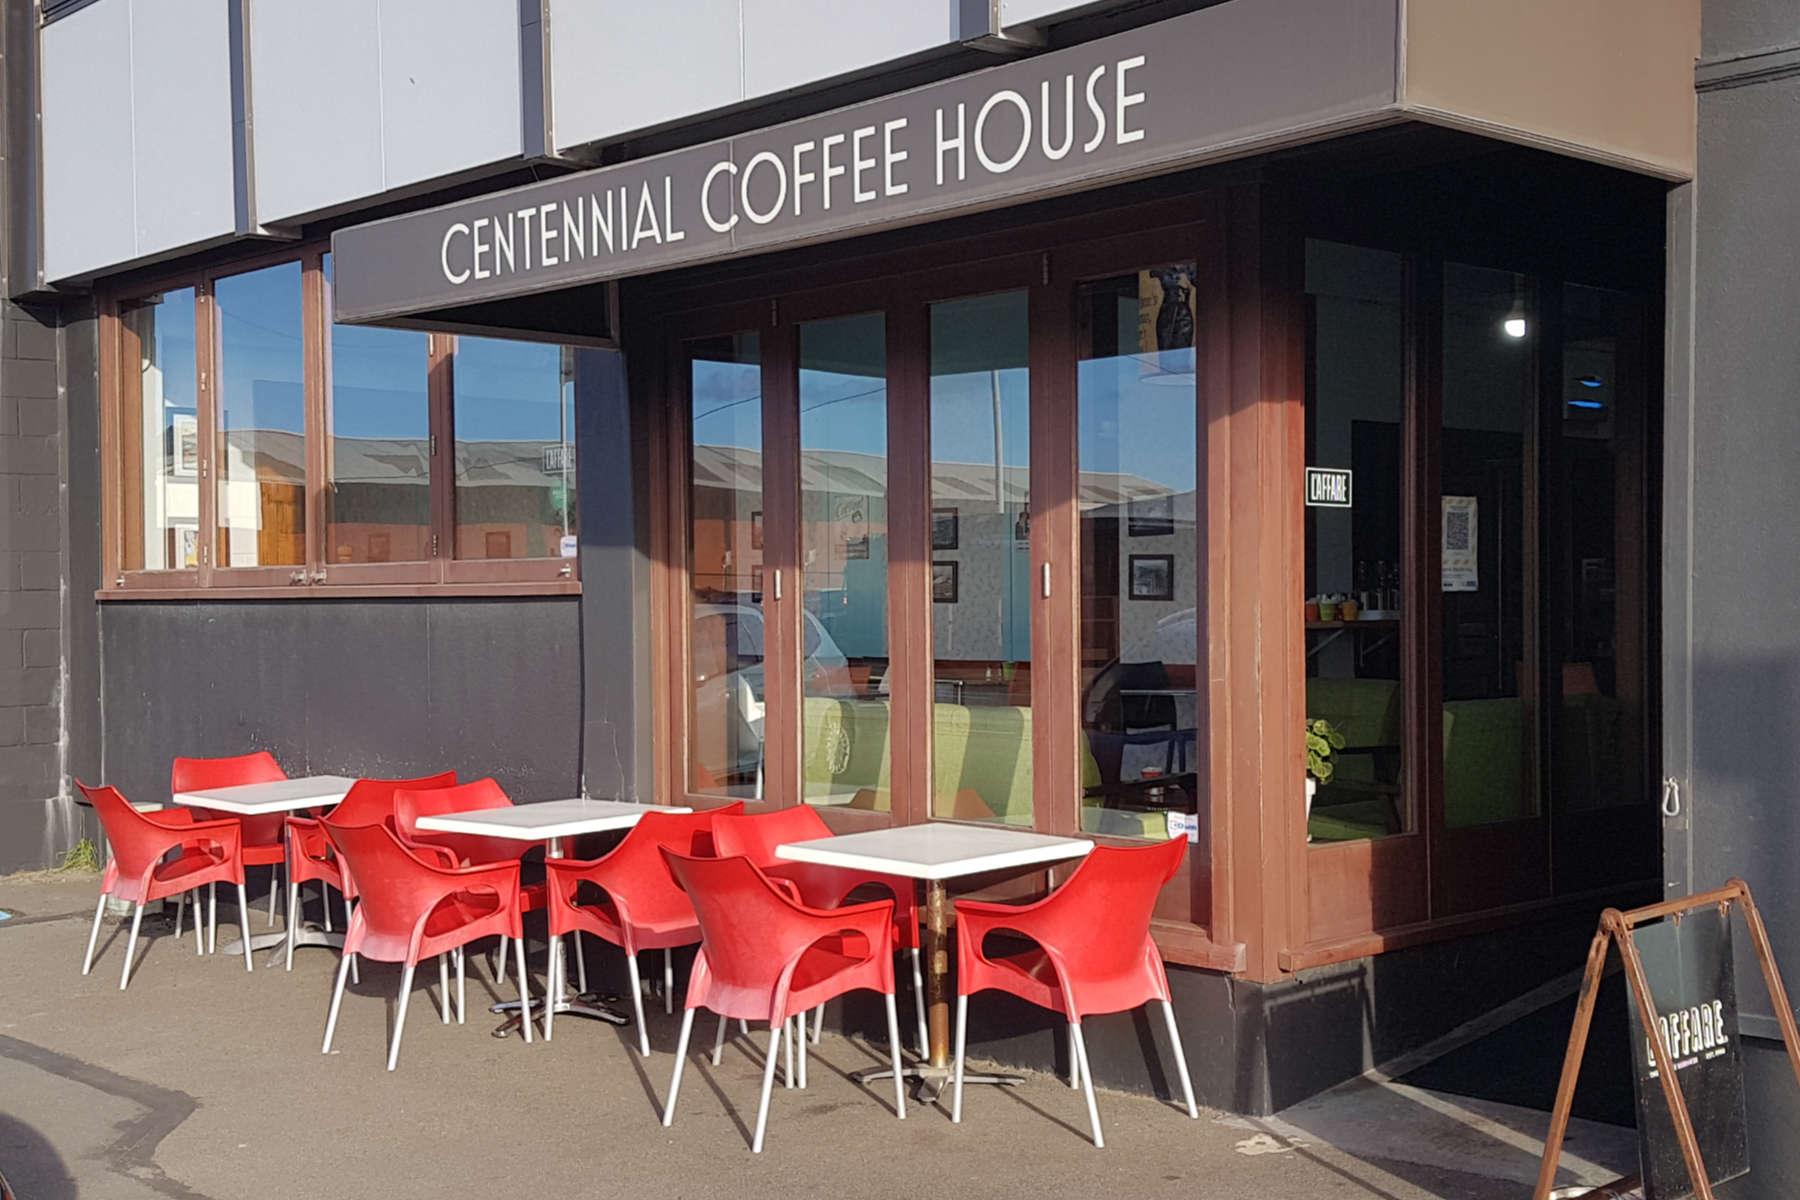 Centennial - exterior